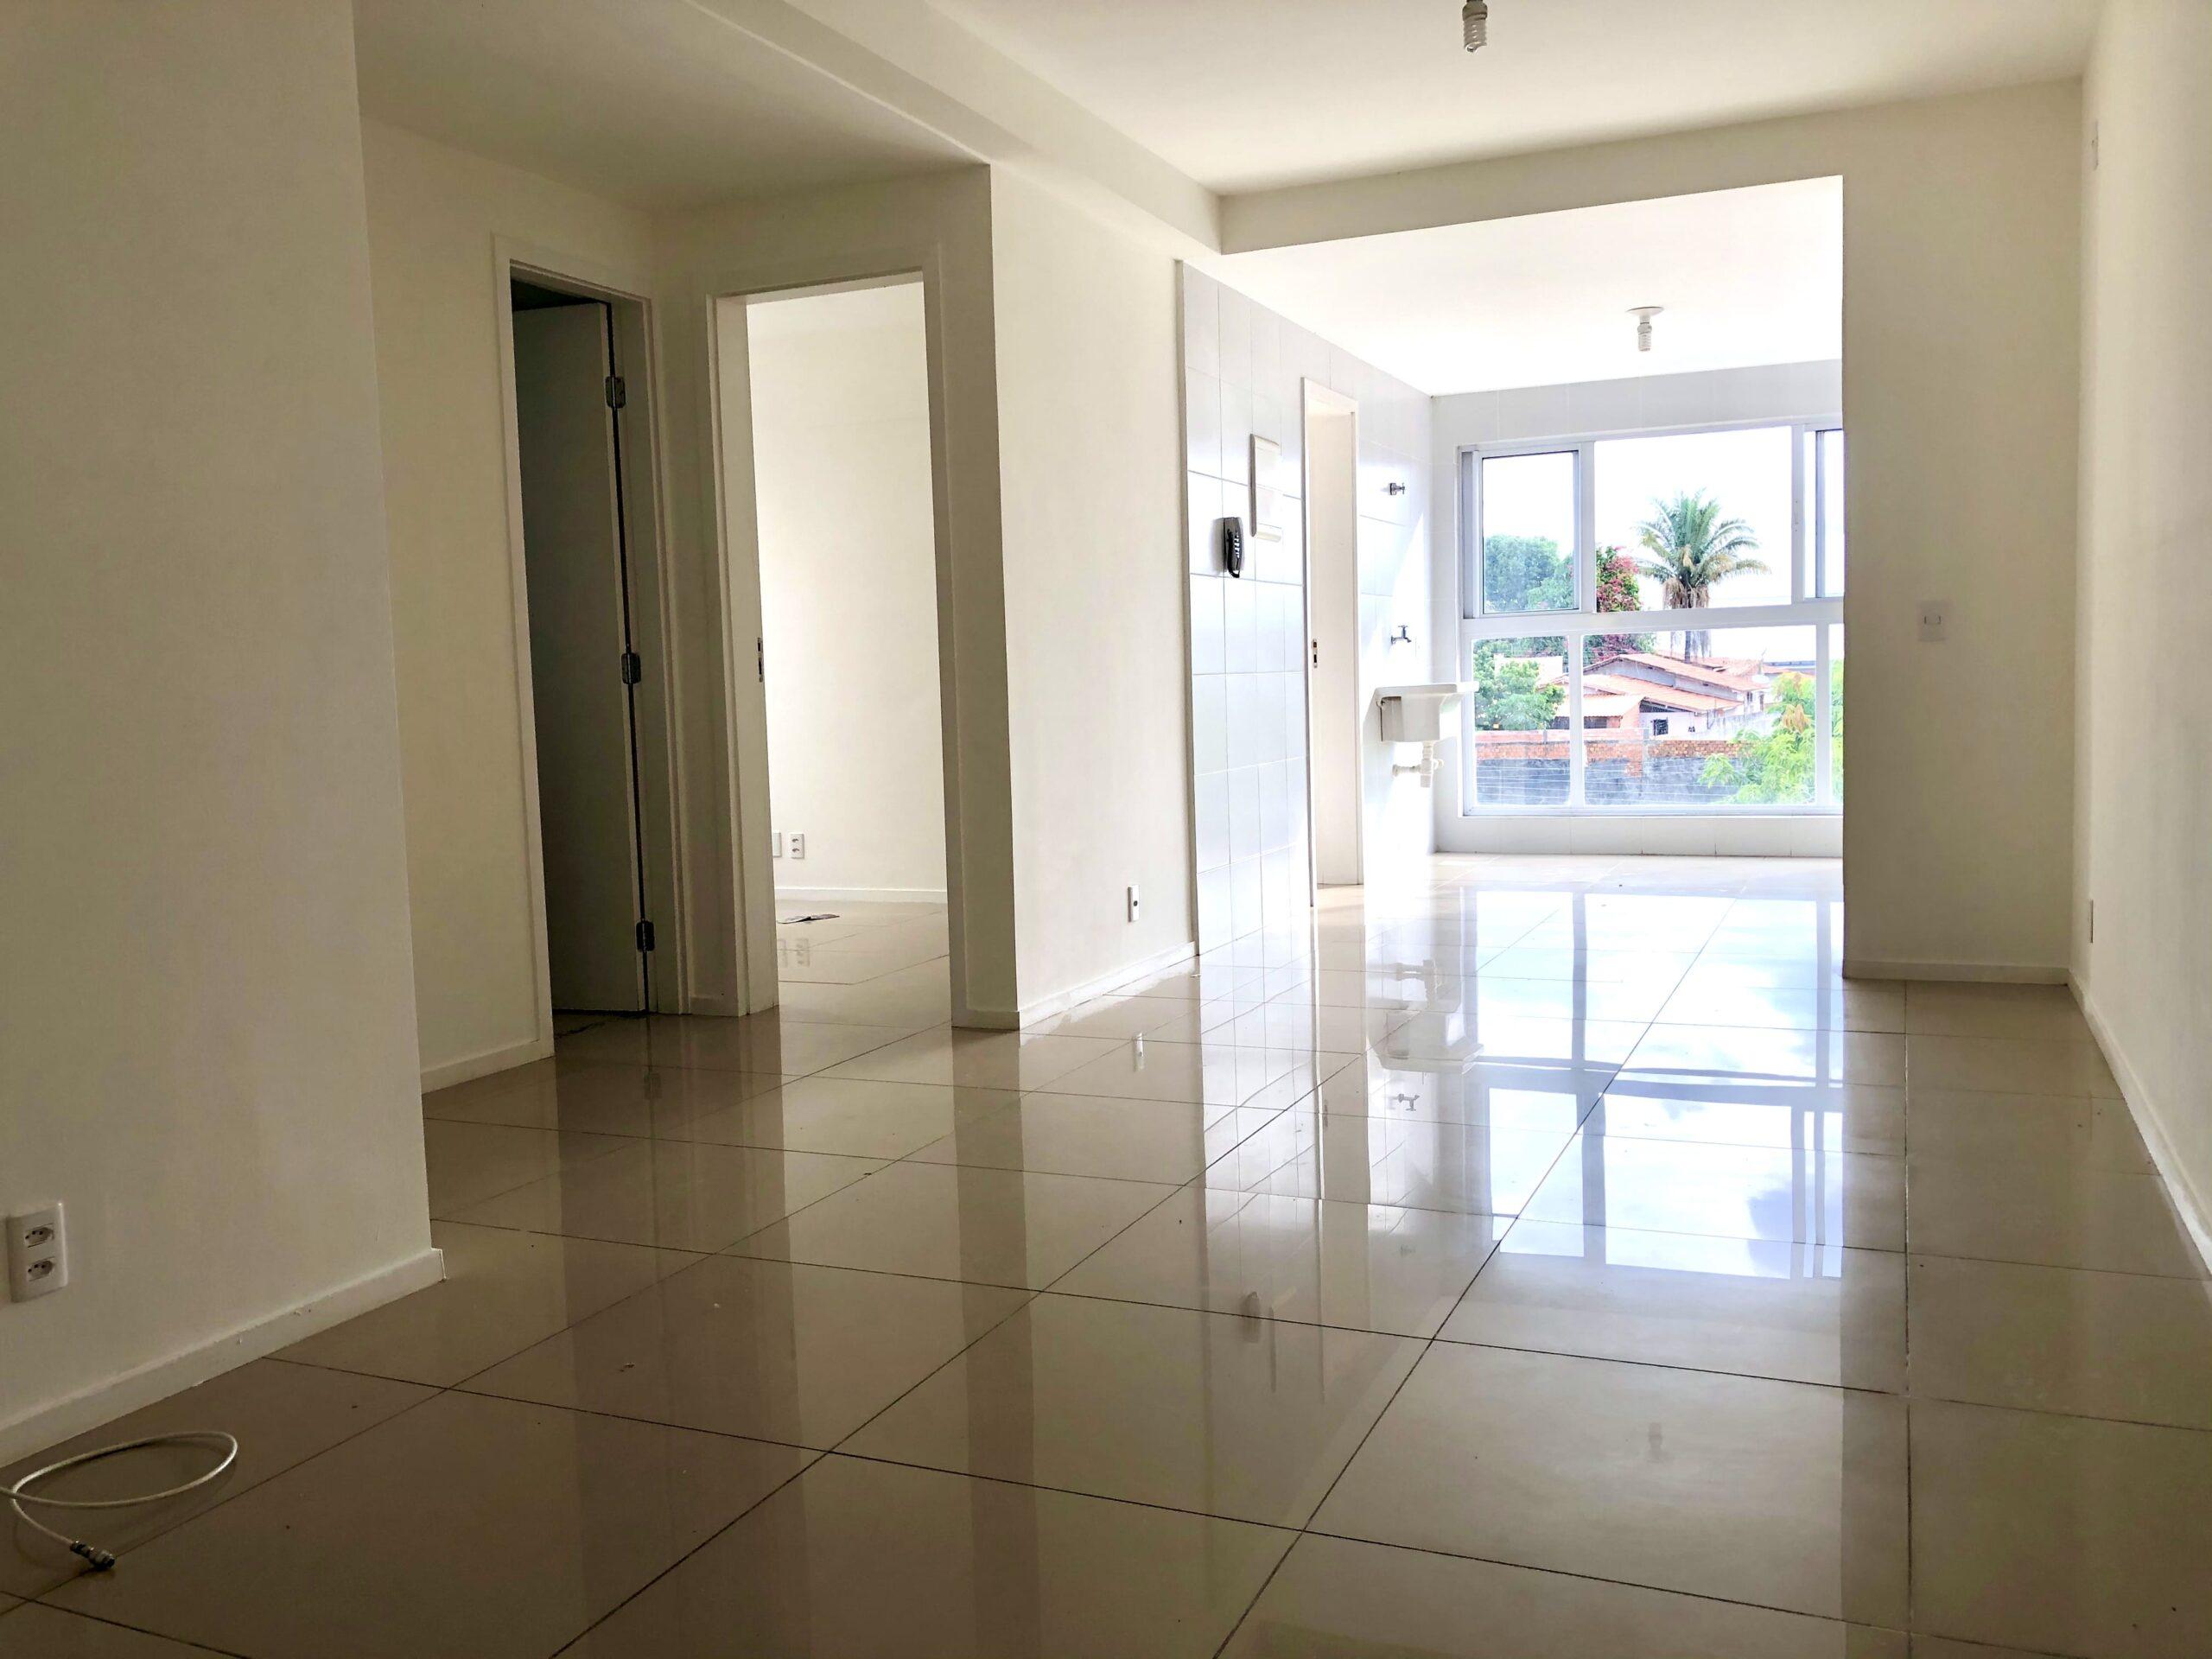 7 Apartamento para venda no Edifício Recanto das Palmeiras Teresina,3 Quartos, sendo 1 suíte, banheiro social, 1 vaga, piso em porcelanato